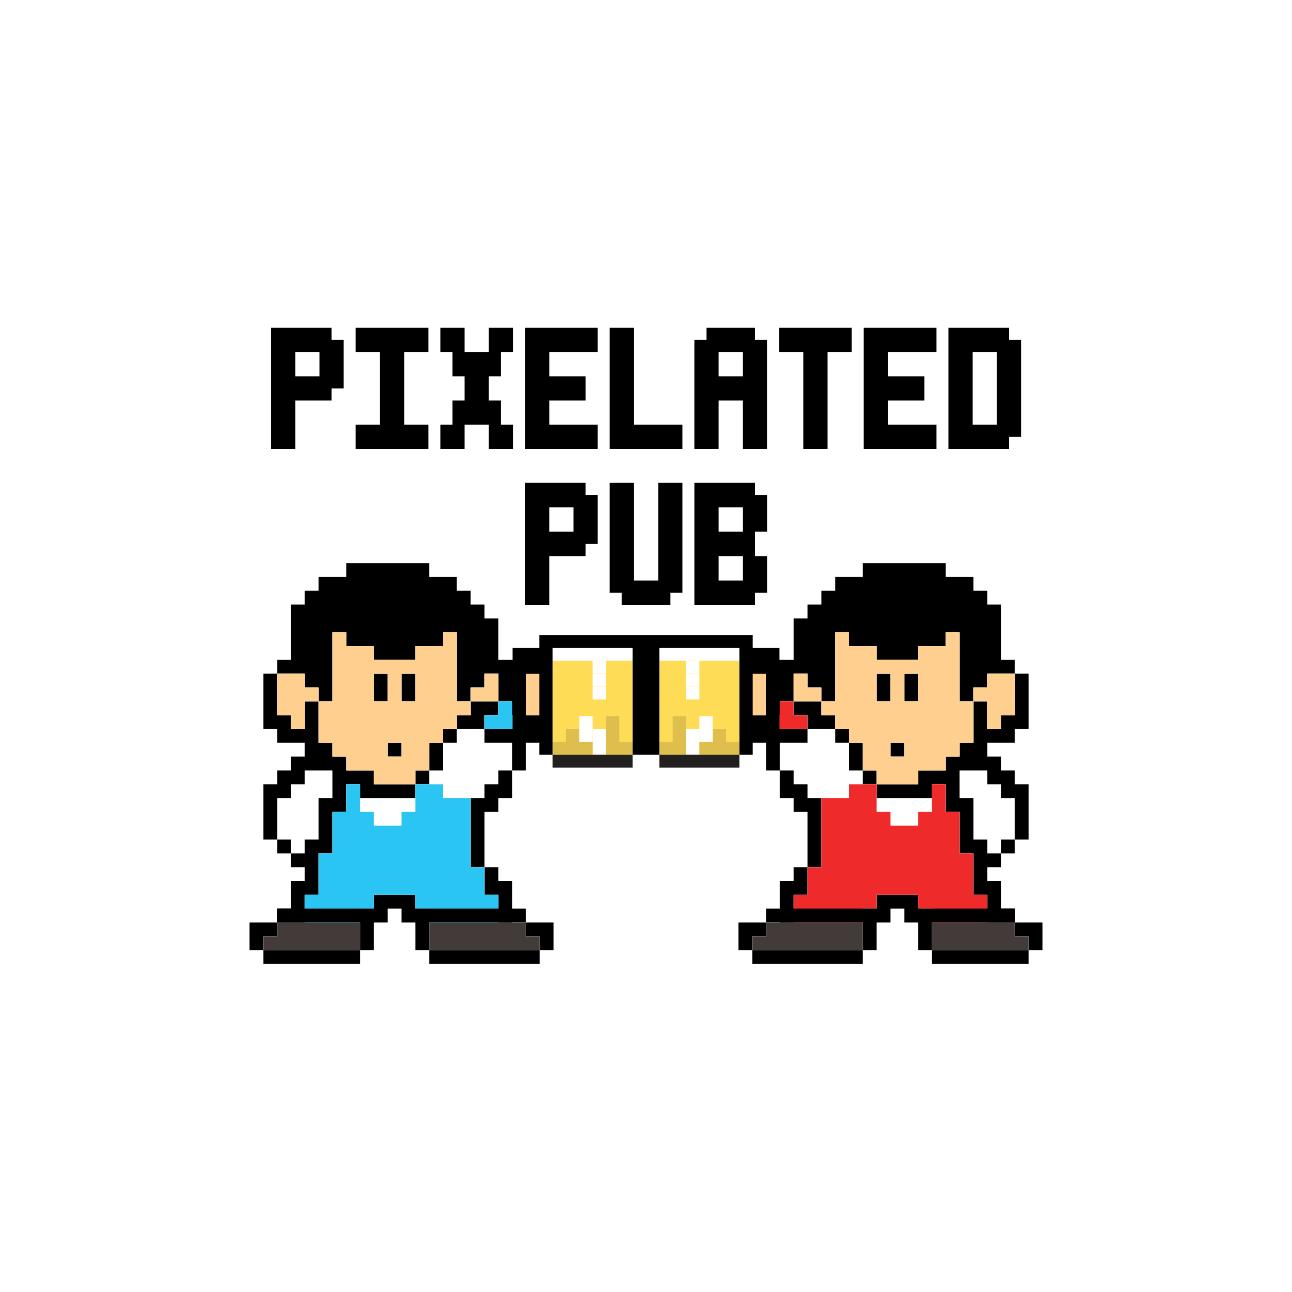 1 pixel pub